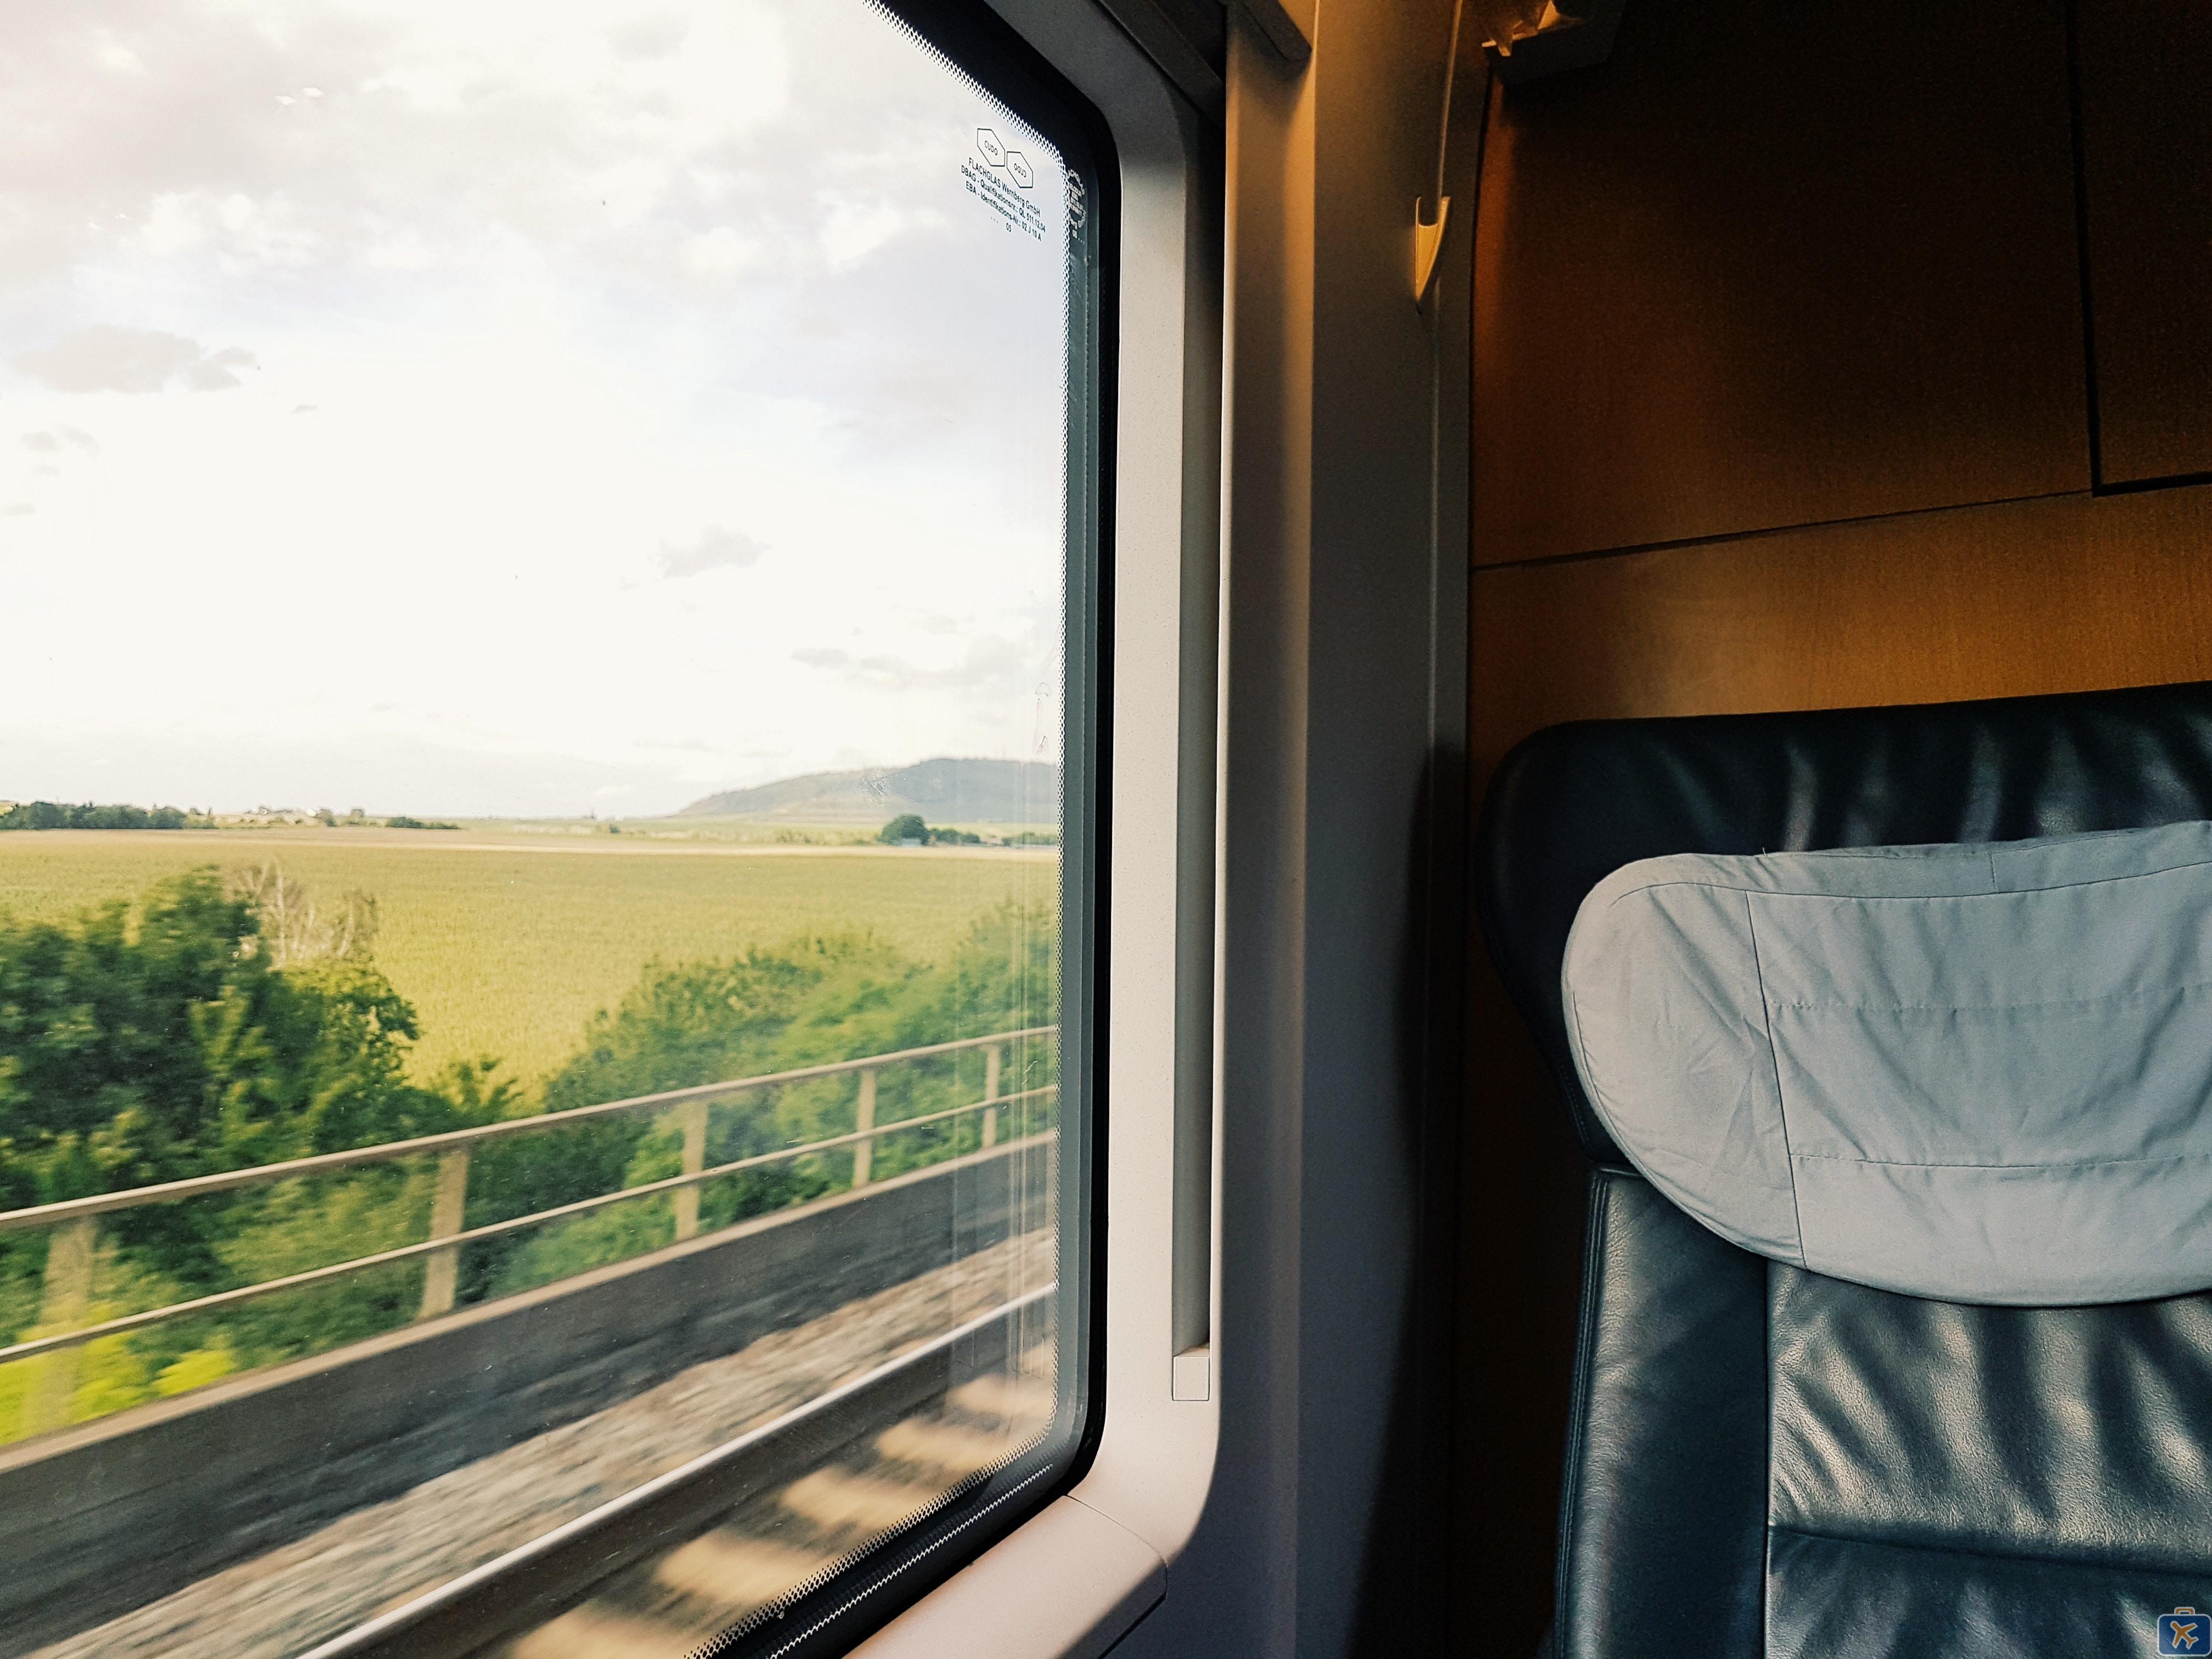 西班牙國鐵| Renfe 西班牙火車線上訂票教學